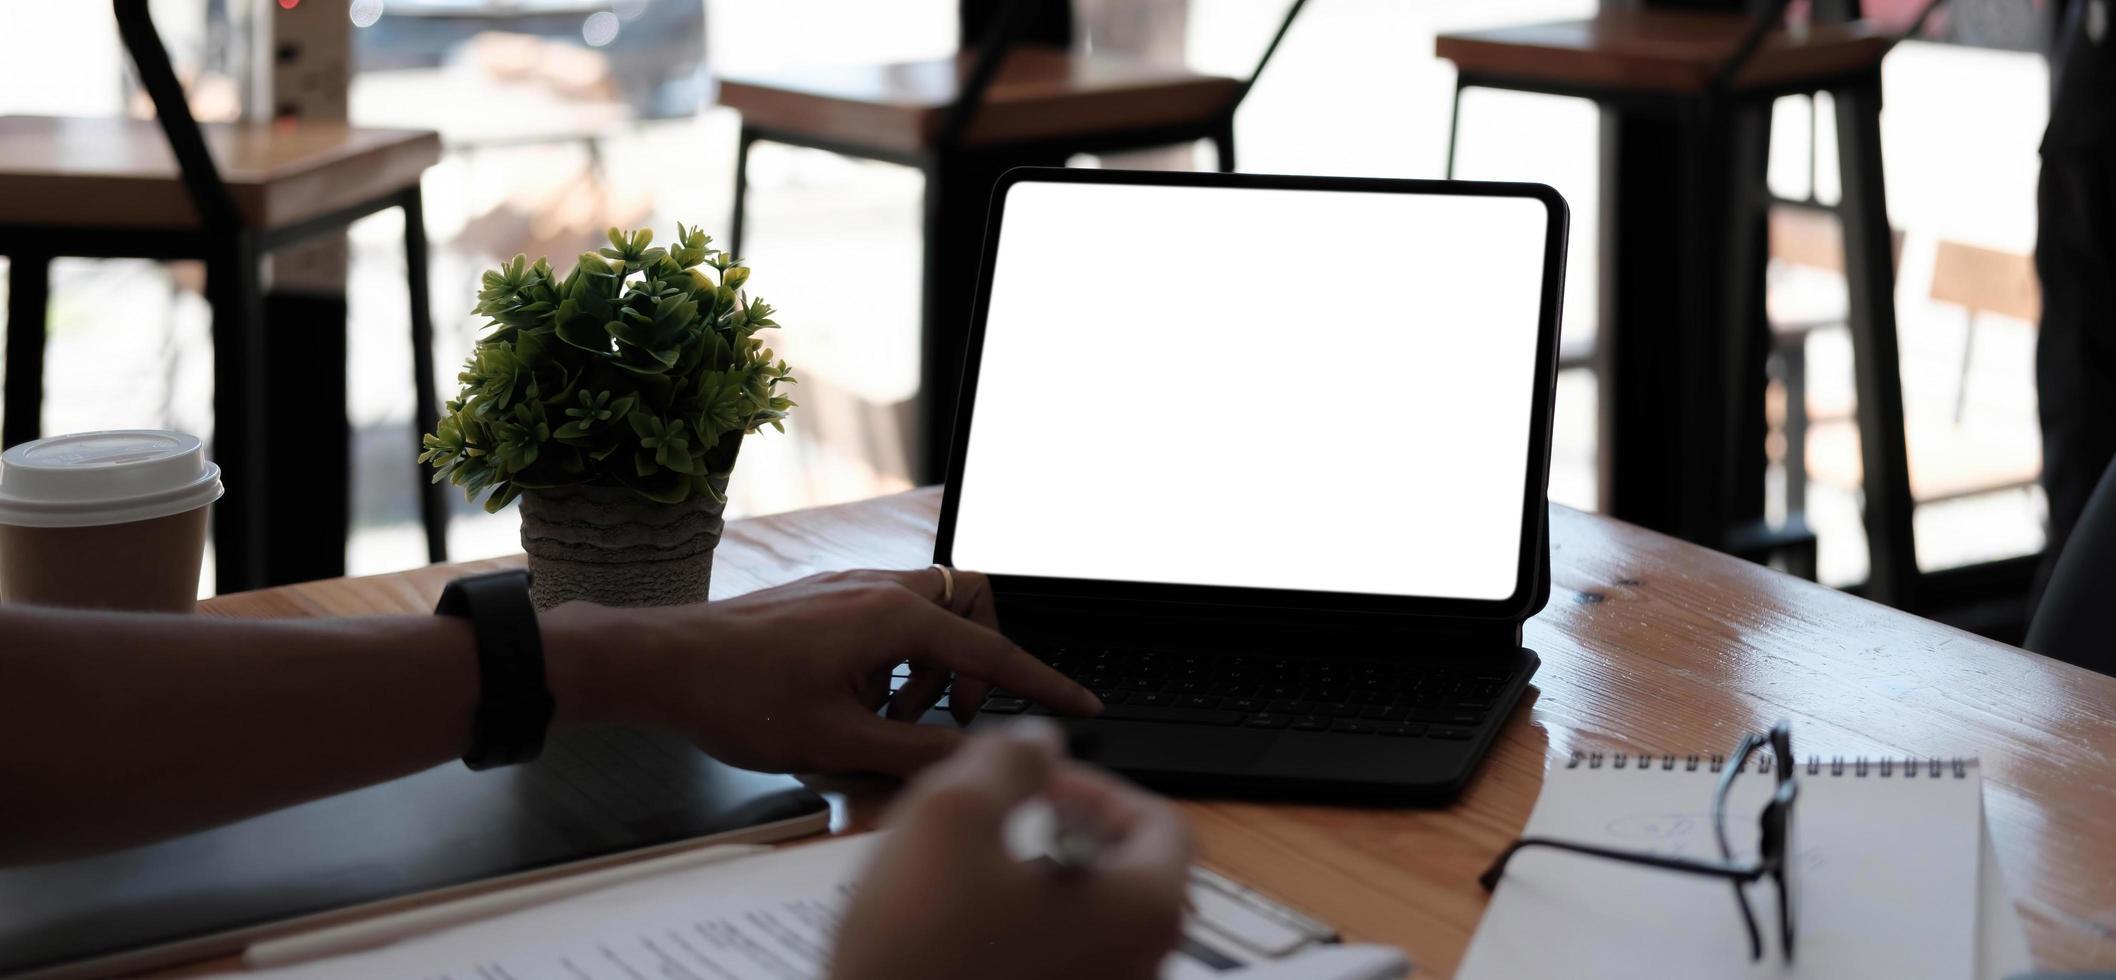 affärskvinna som använder bärbar dator tom skärm medan du arbetar med miniräknare för ekonomi. urklippsbana foto